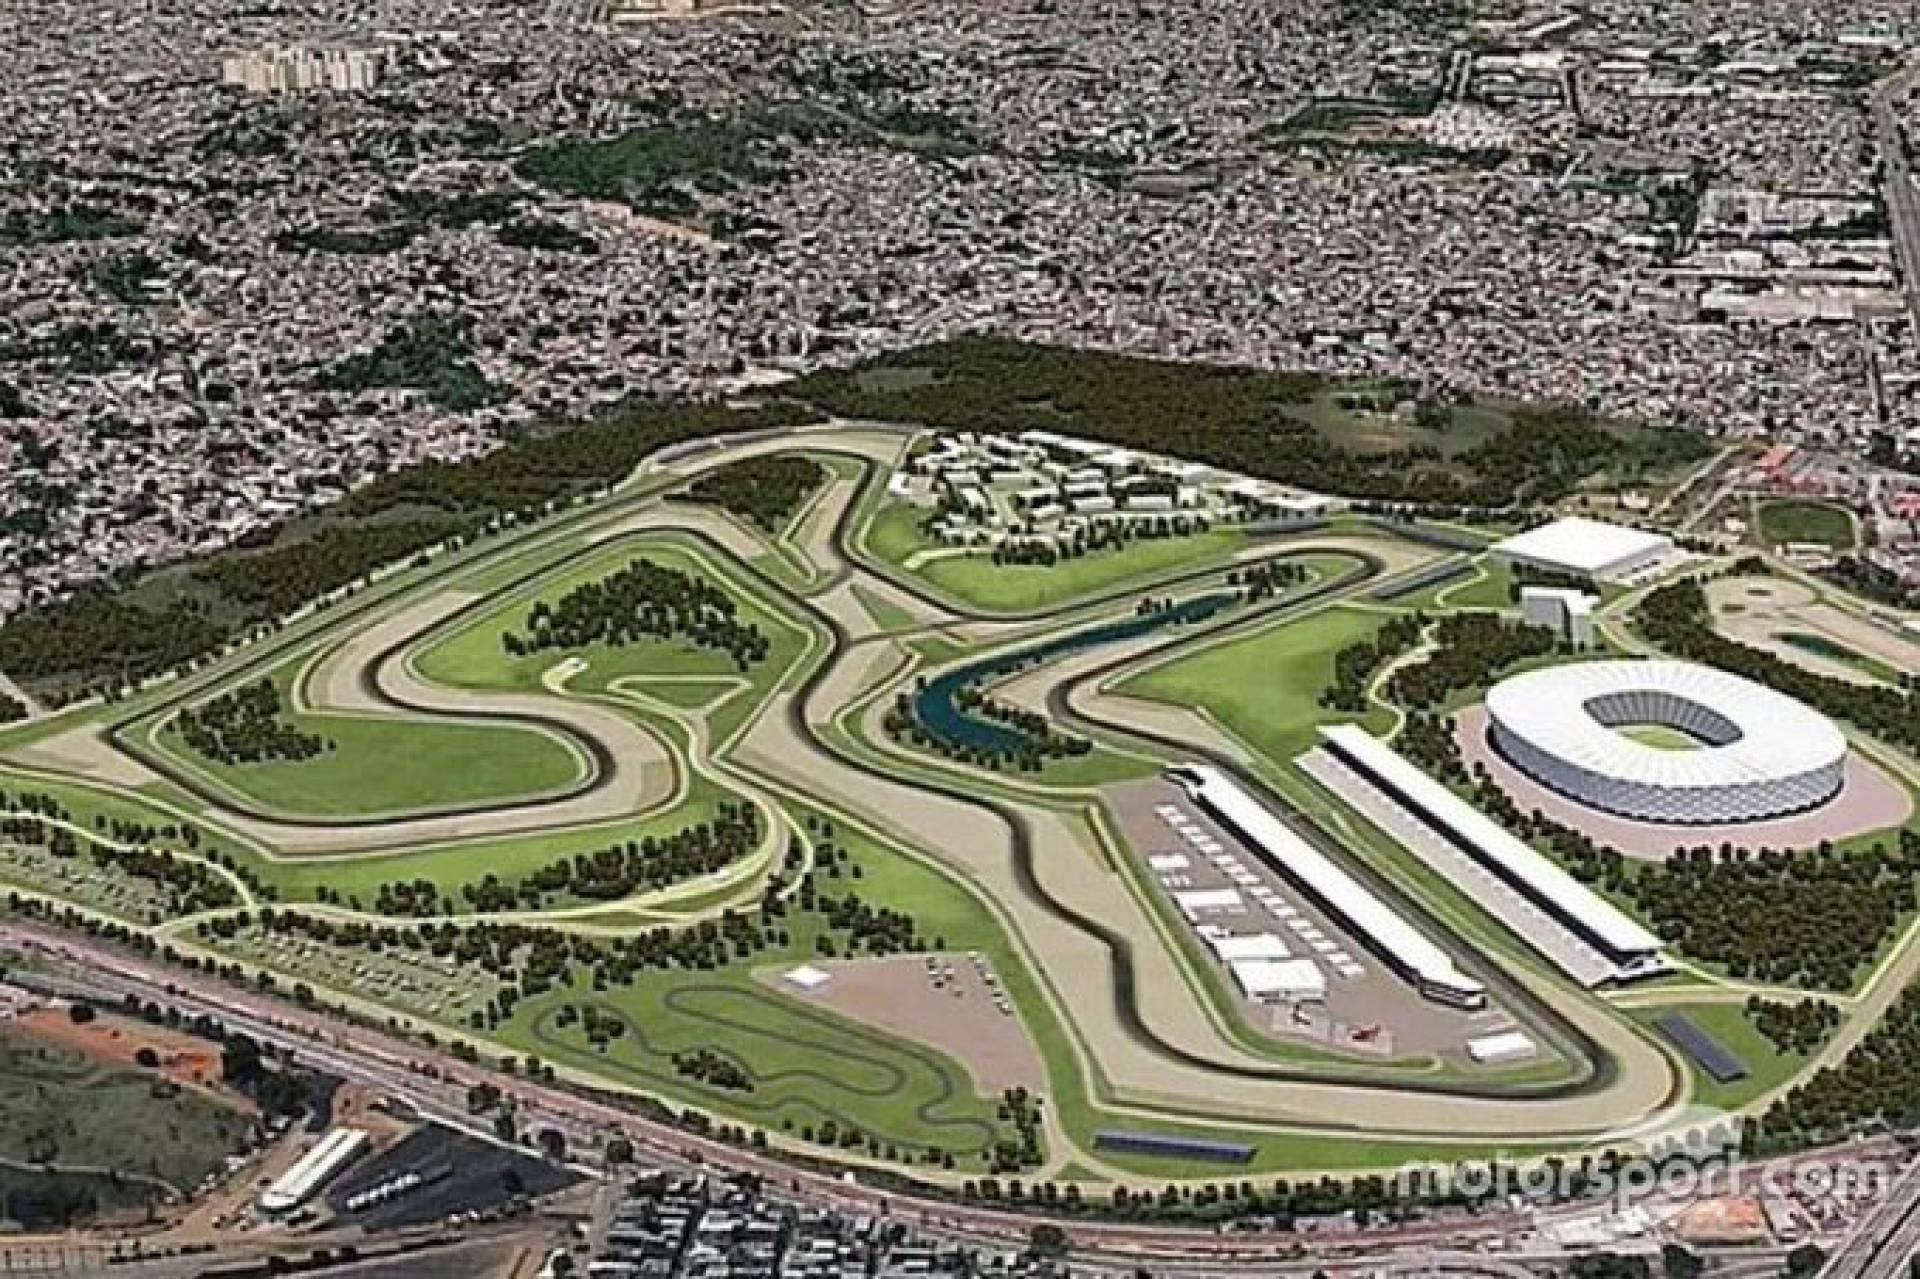 Fórmula 1: petição pede para autódromo do Rio não ser construído e mobiliza  redes sociais Jornal MEIA HORA - Esportes